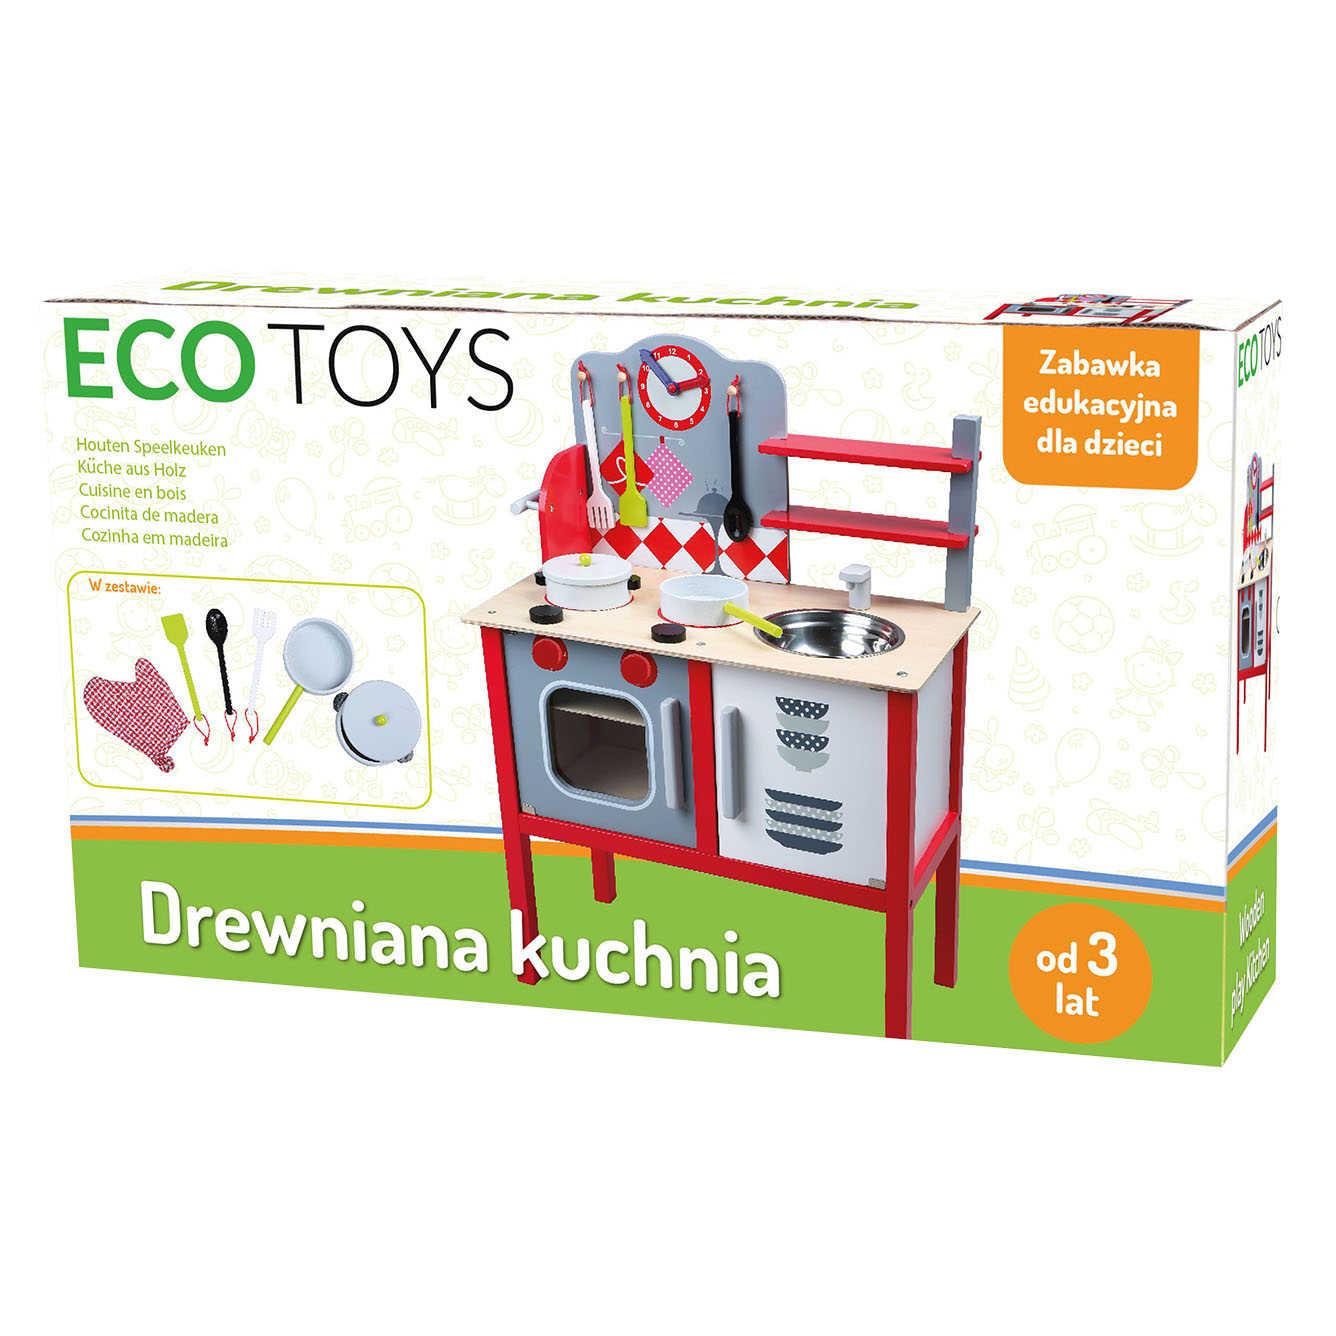 Drewniana Kuchnia Dla Dzieci Ecotoys Garnki 4201 6966689730